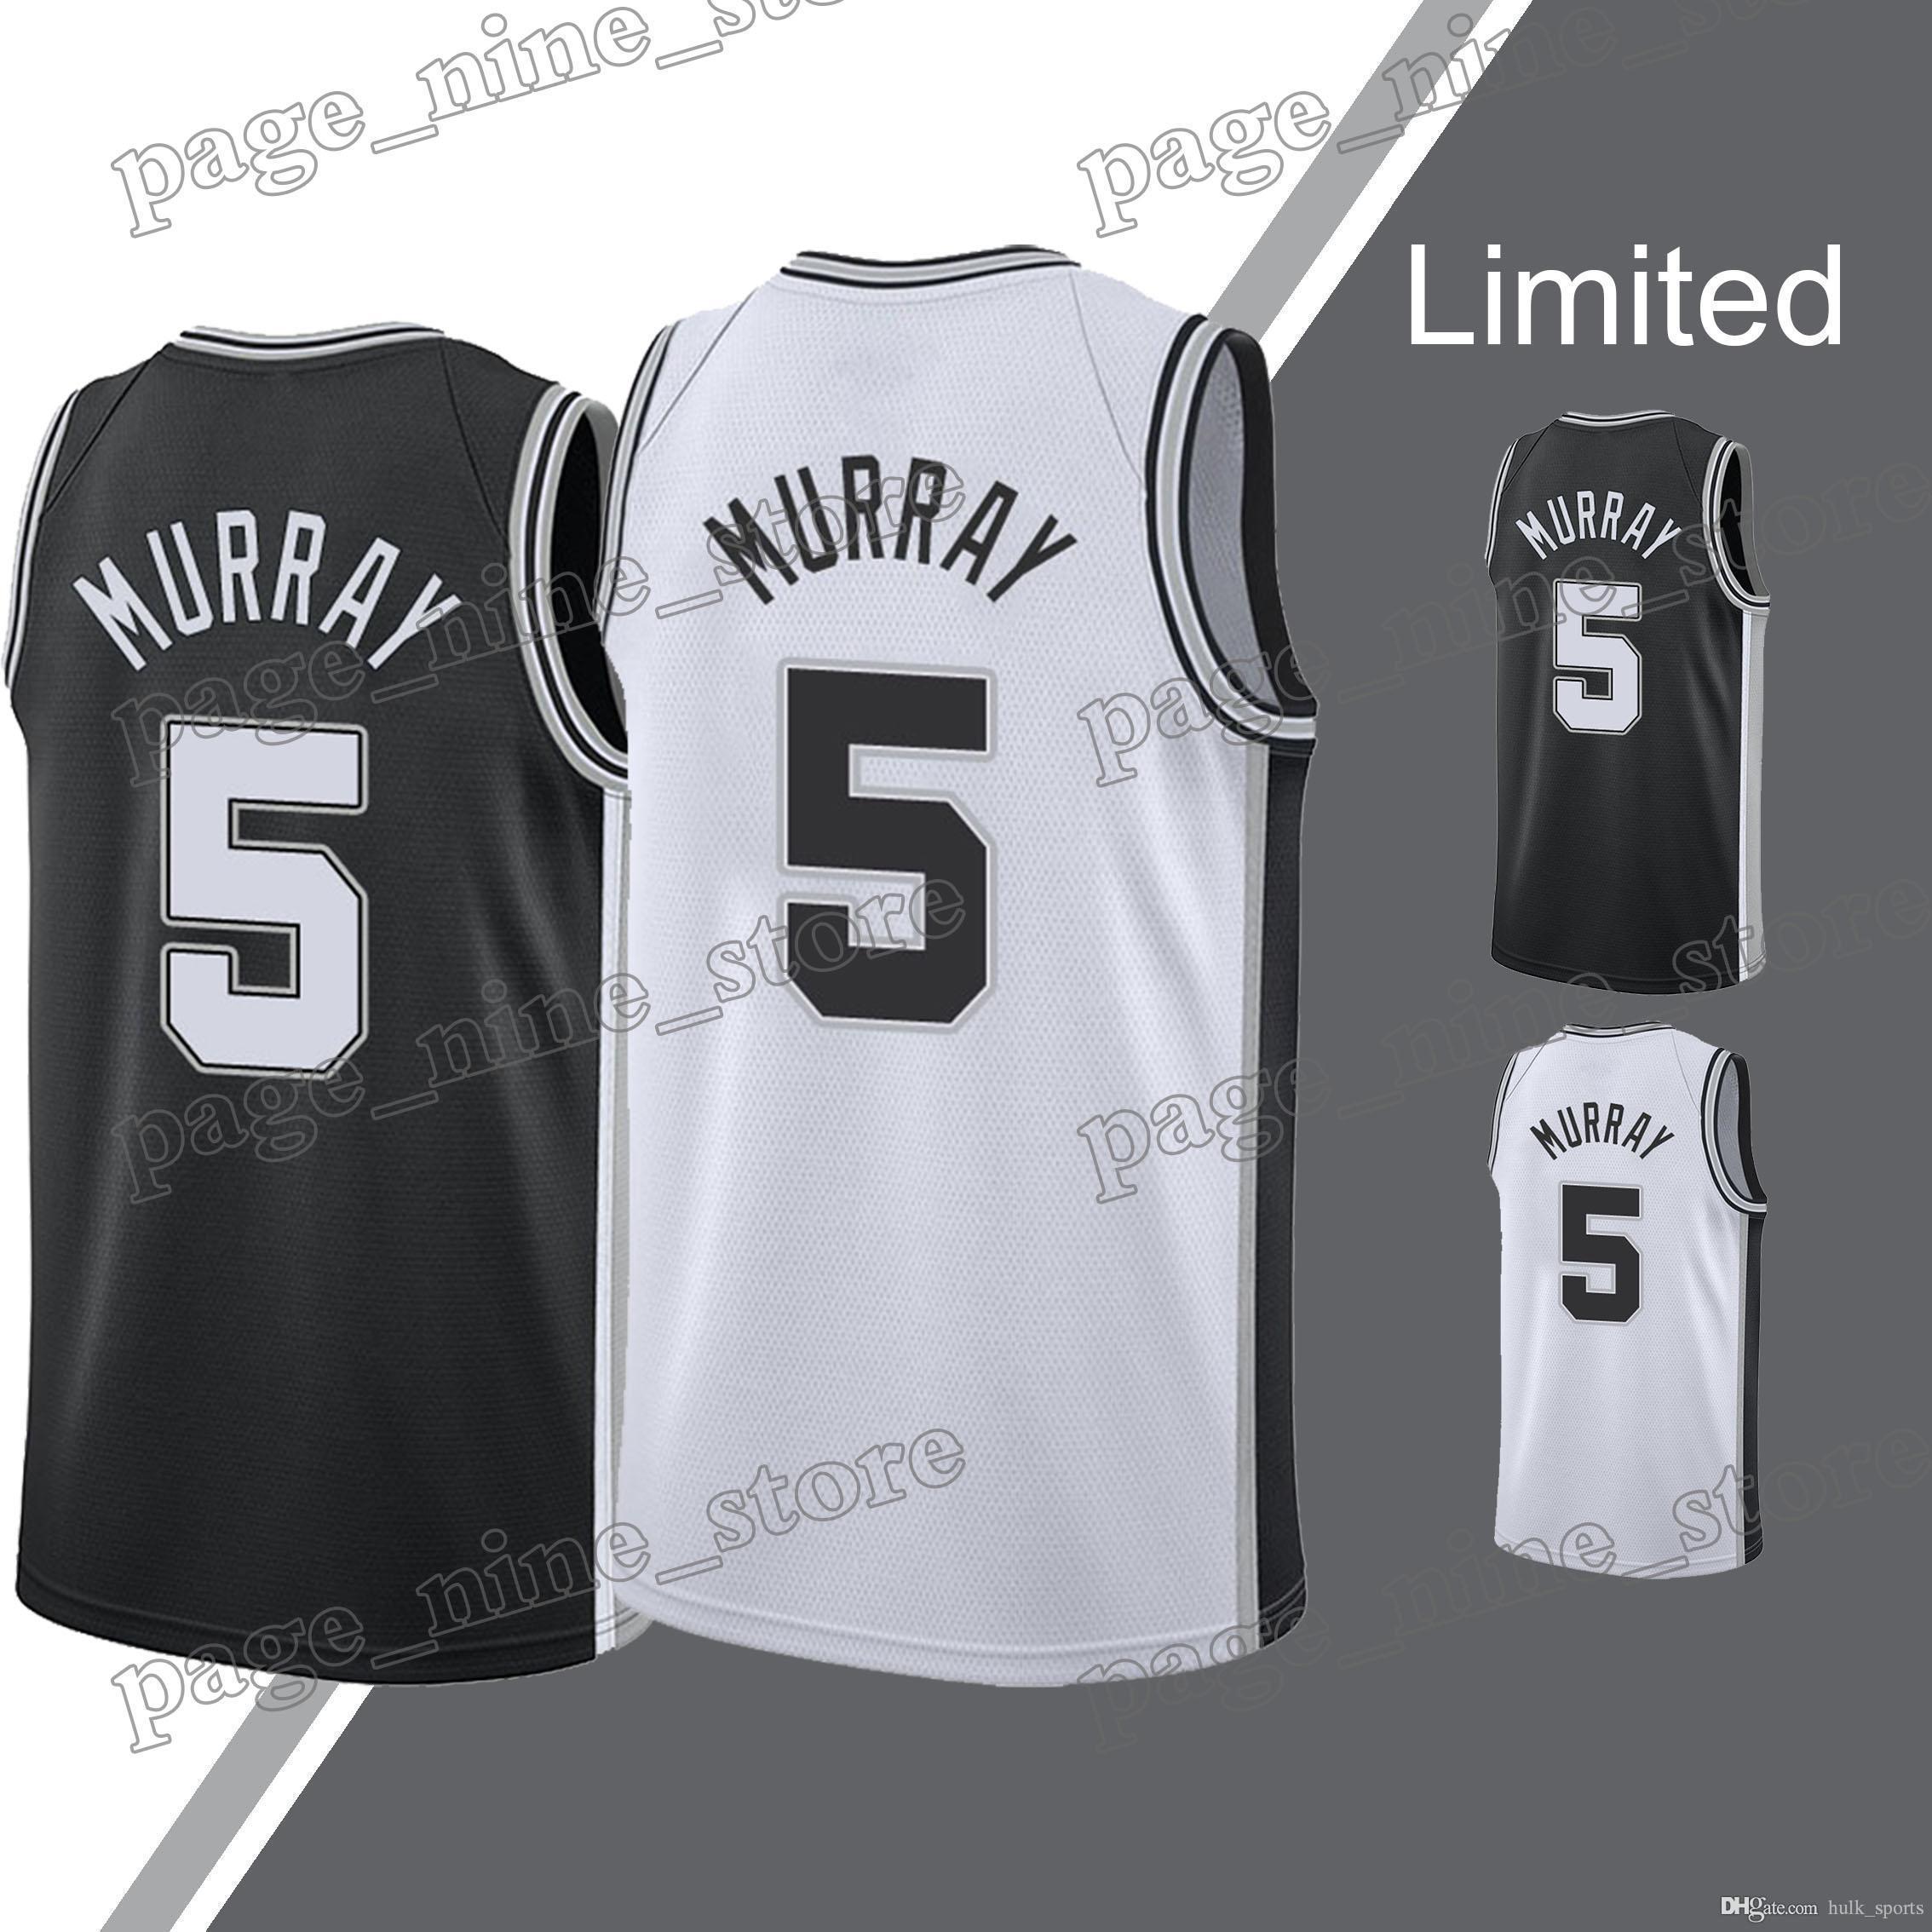 db5d9d4f5a9 2019 Spurs Jerseys Dejounte 5 Murray DeMar 10 DeRozan Jersey Manu 20  Ginobili Tim 21 Duncan Basketball Jerseys From Hulk sports